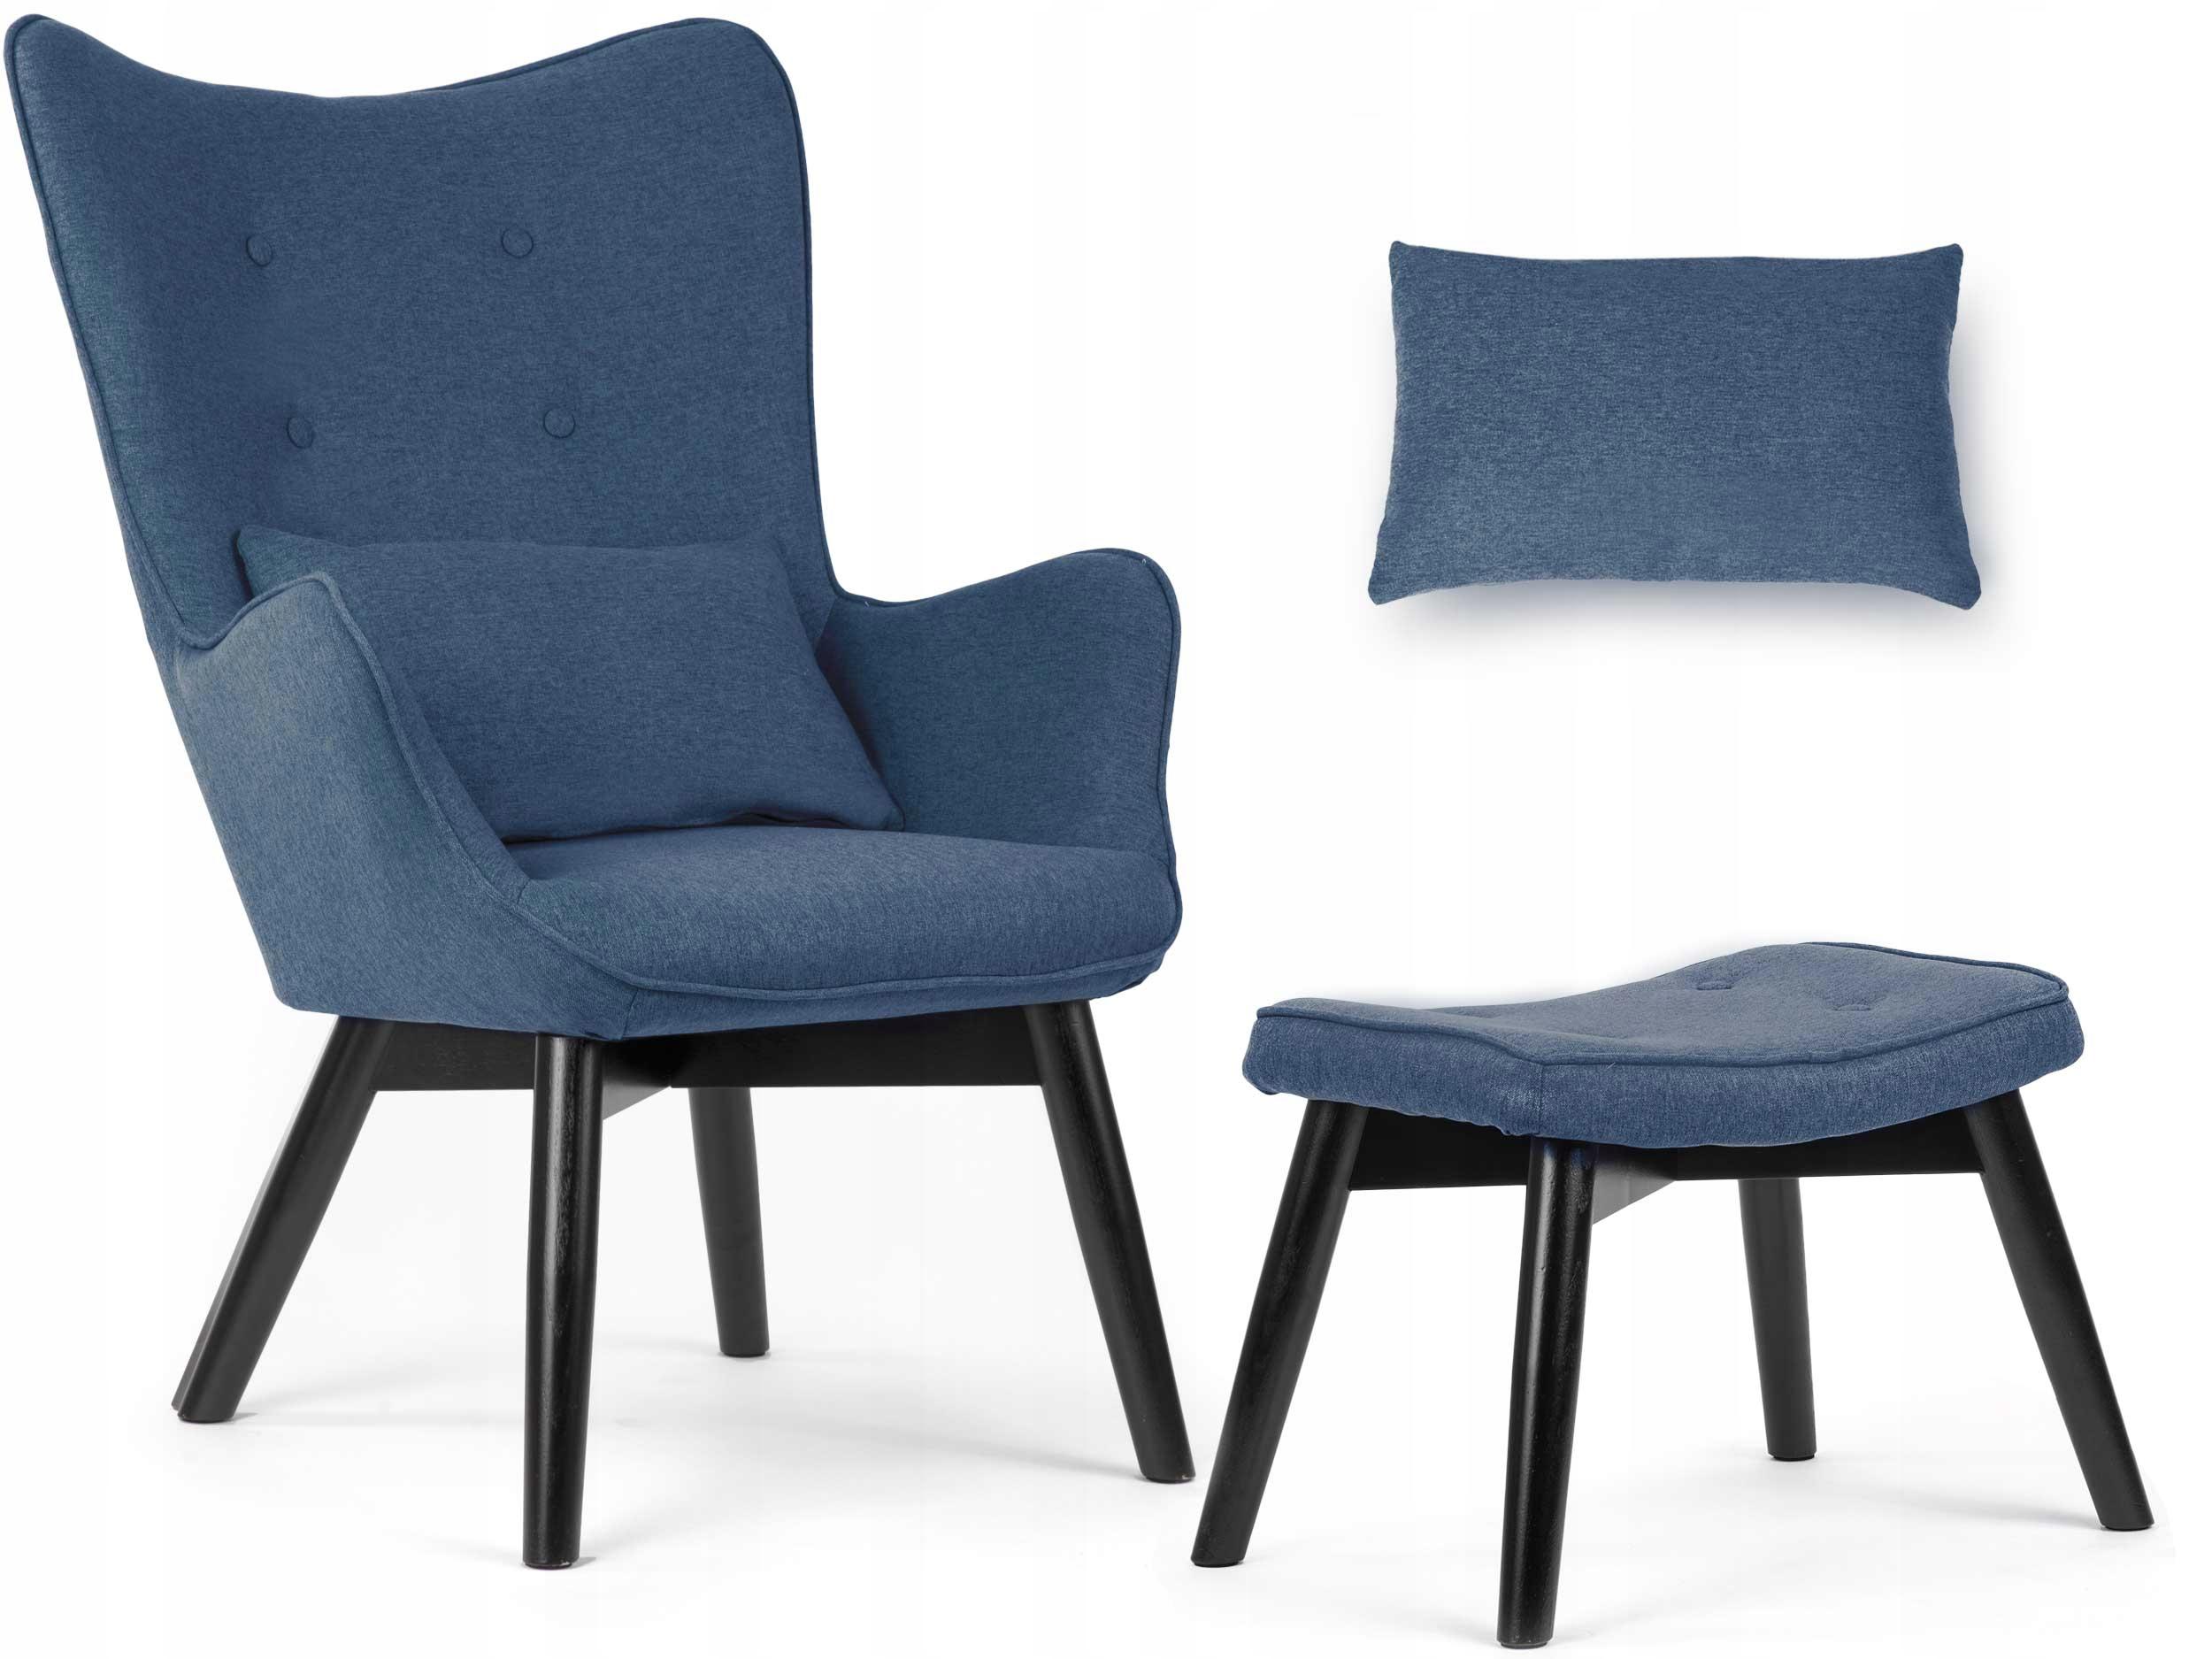 Fotel USZAK styl skandynawski + podnóżek poduszka